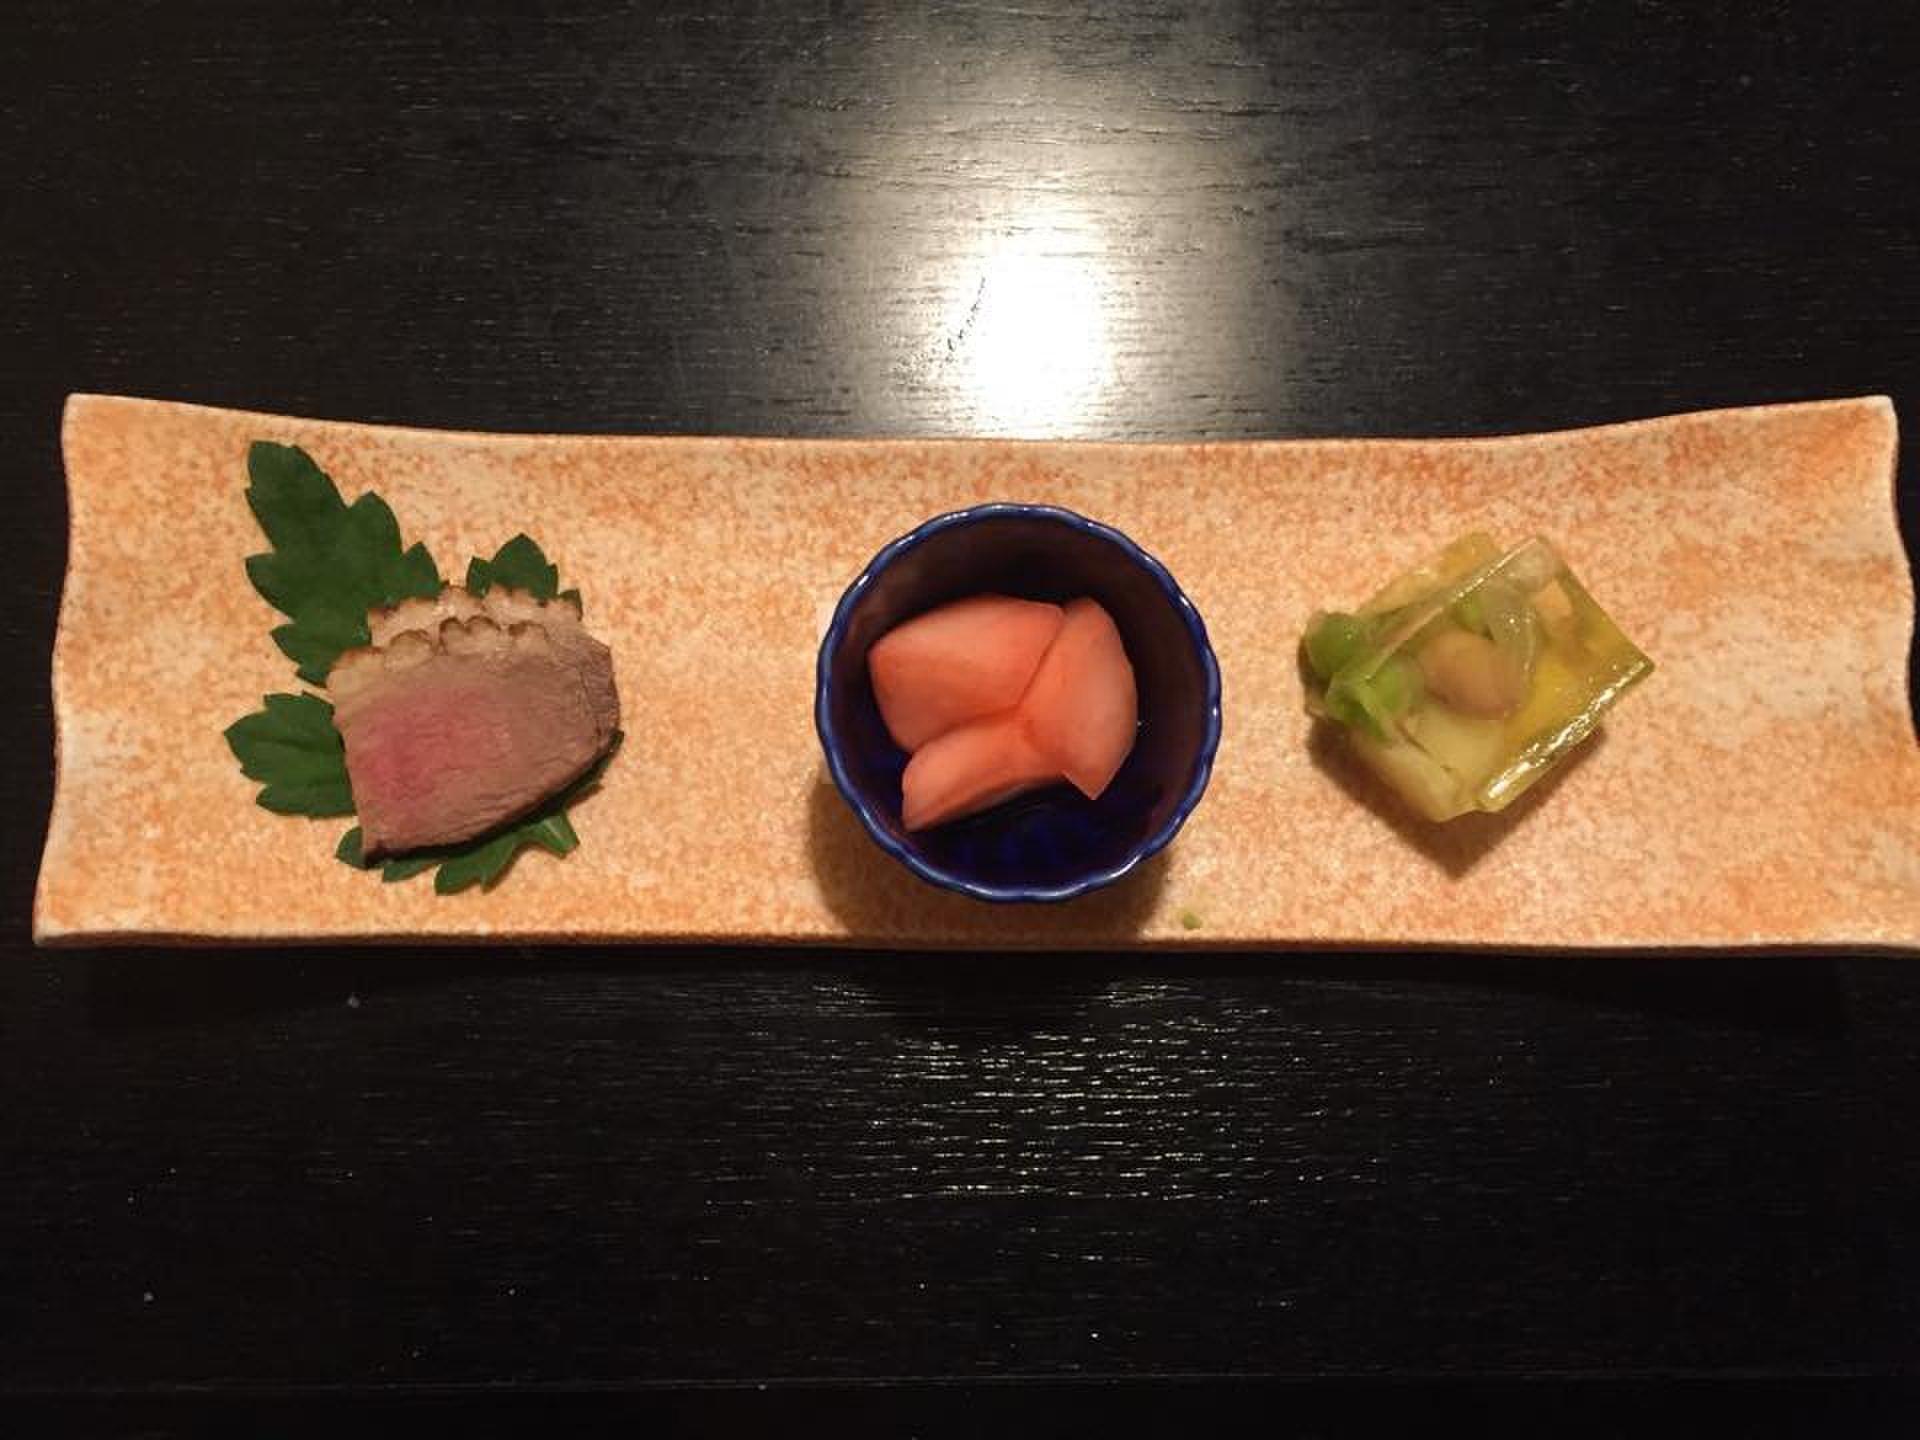 【神楽坂の老舗】『鳥茶屋 本店』で大人の女子会を満喫☆〆のうどんと鶏料理が絶品!